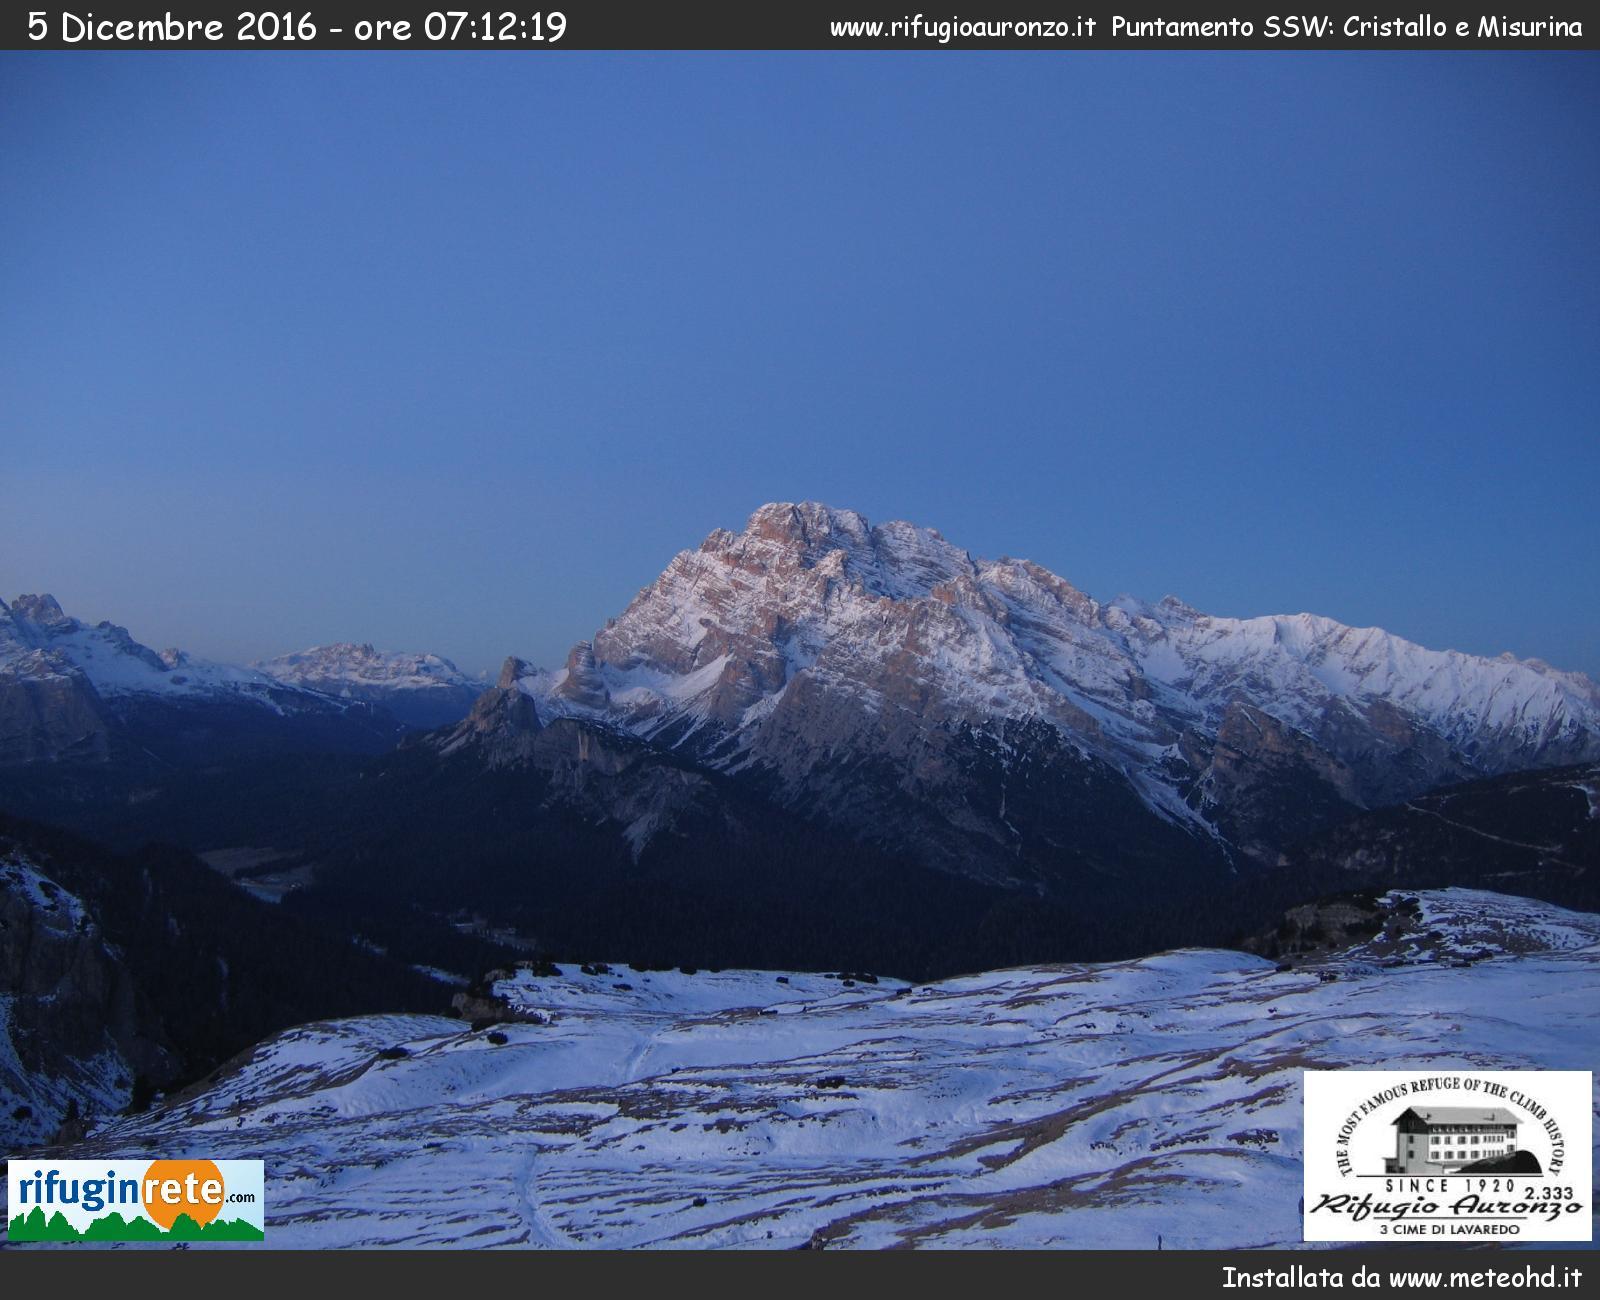 Veneto centro-settentrionale Inverno 2016-17-cristallo.jpg